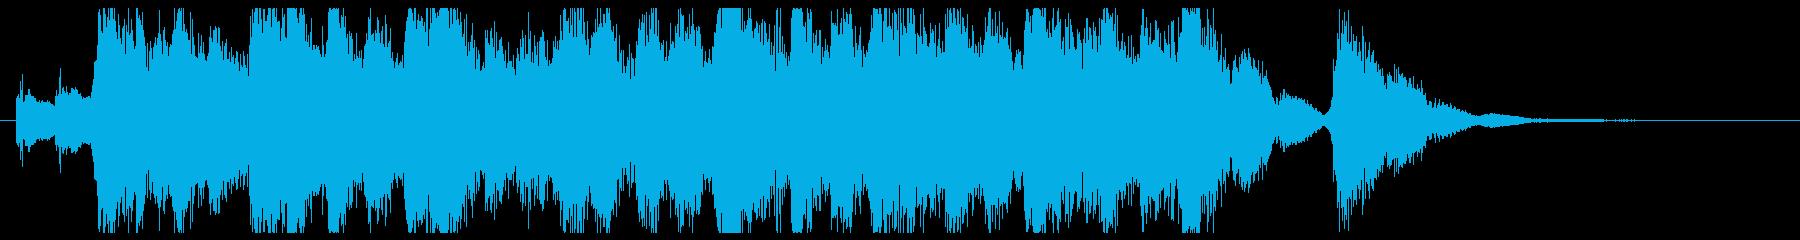 キラキラした前向きで懐かしいジングル1の再生済みの波形